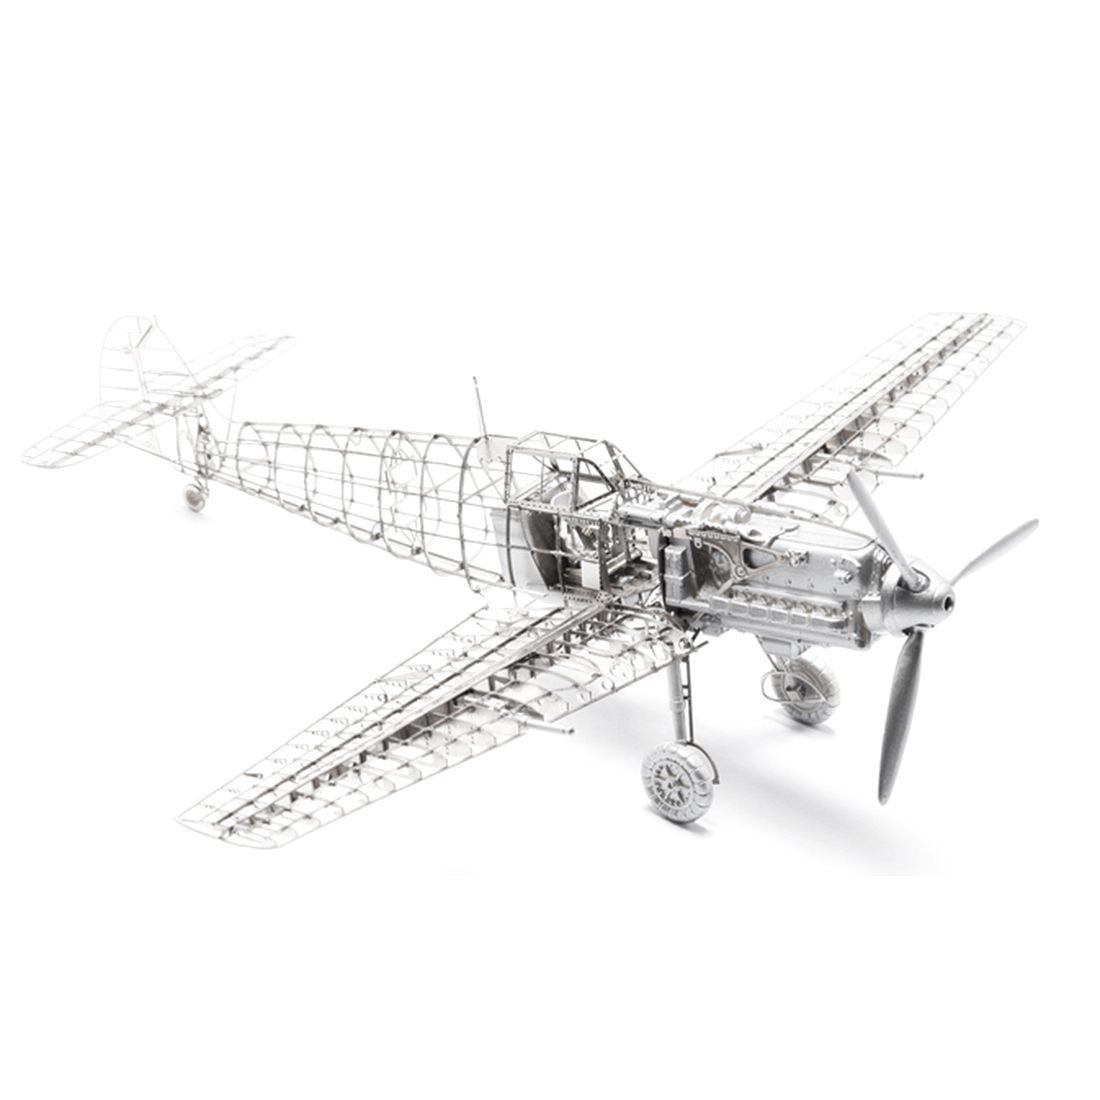 1/72 Bf109E-4 модель самолета комплект фото-травленные листы украшения самолета металлическая Военная Сборная модель Diy игрушки для детей Подарк...